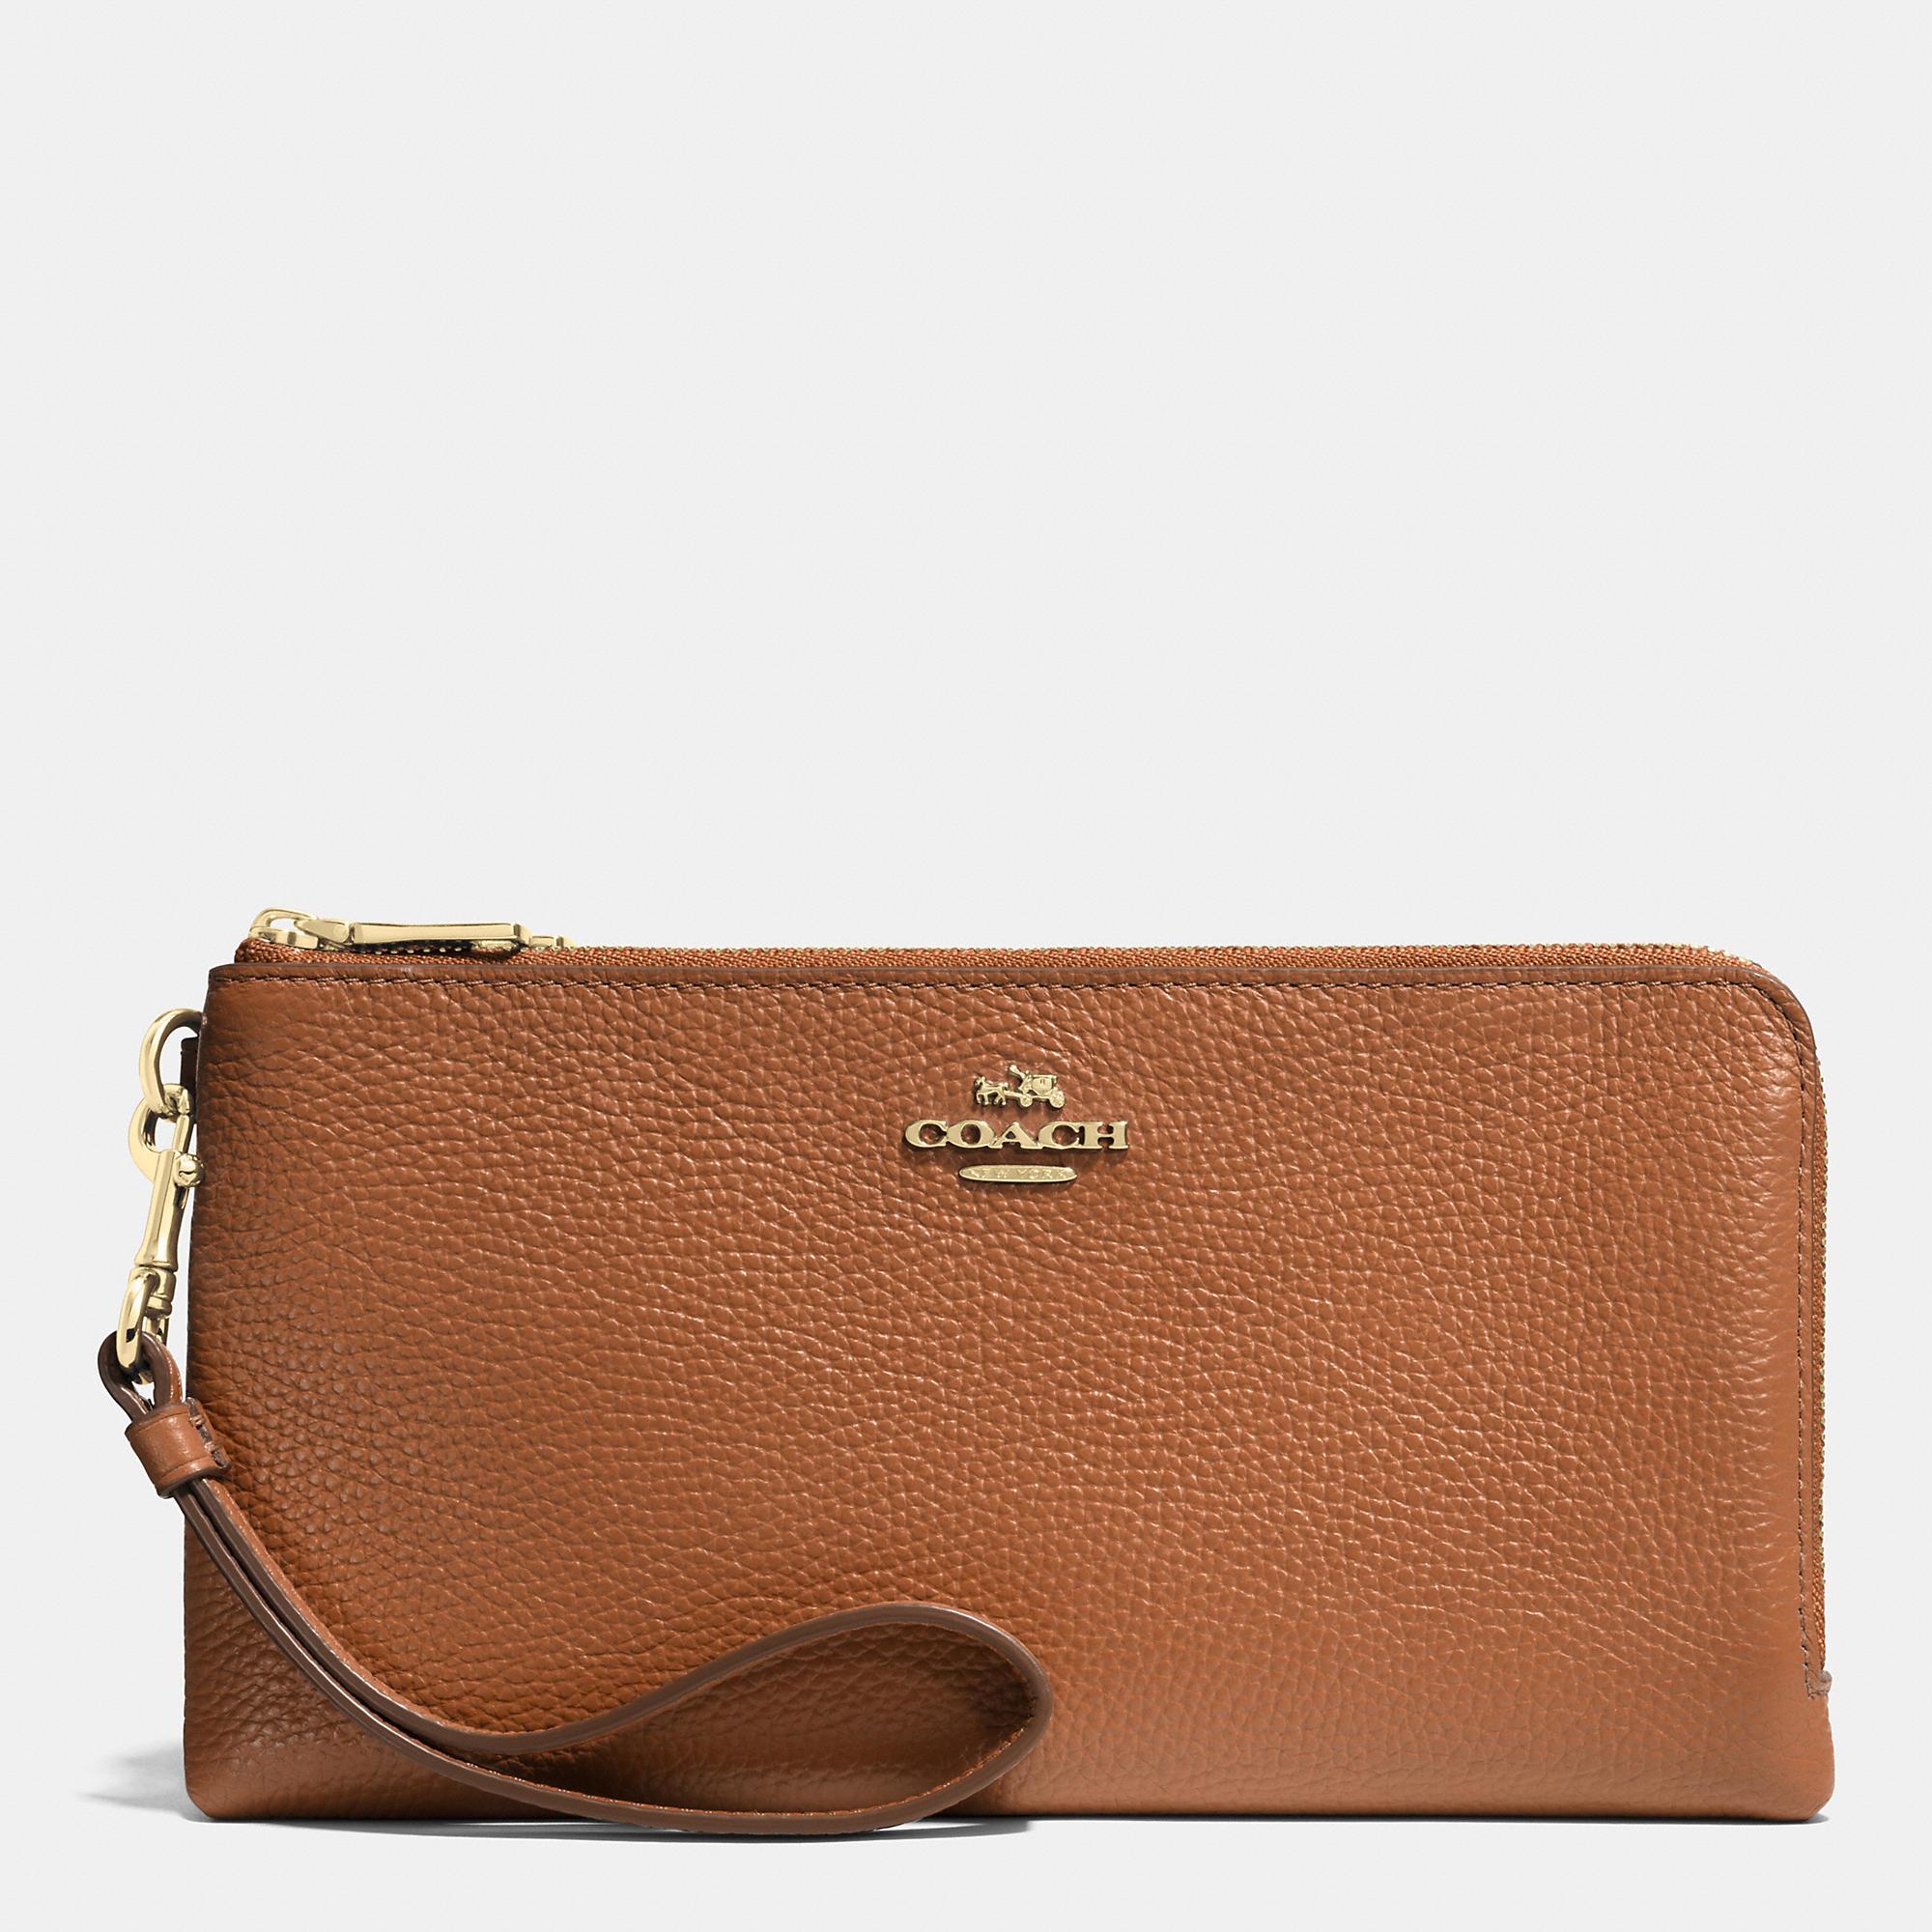 Womens Handbags Bags 6pm